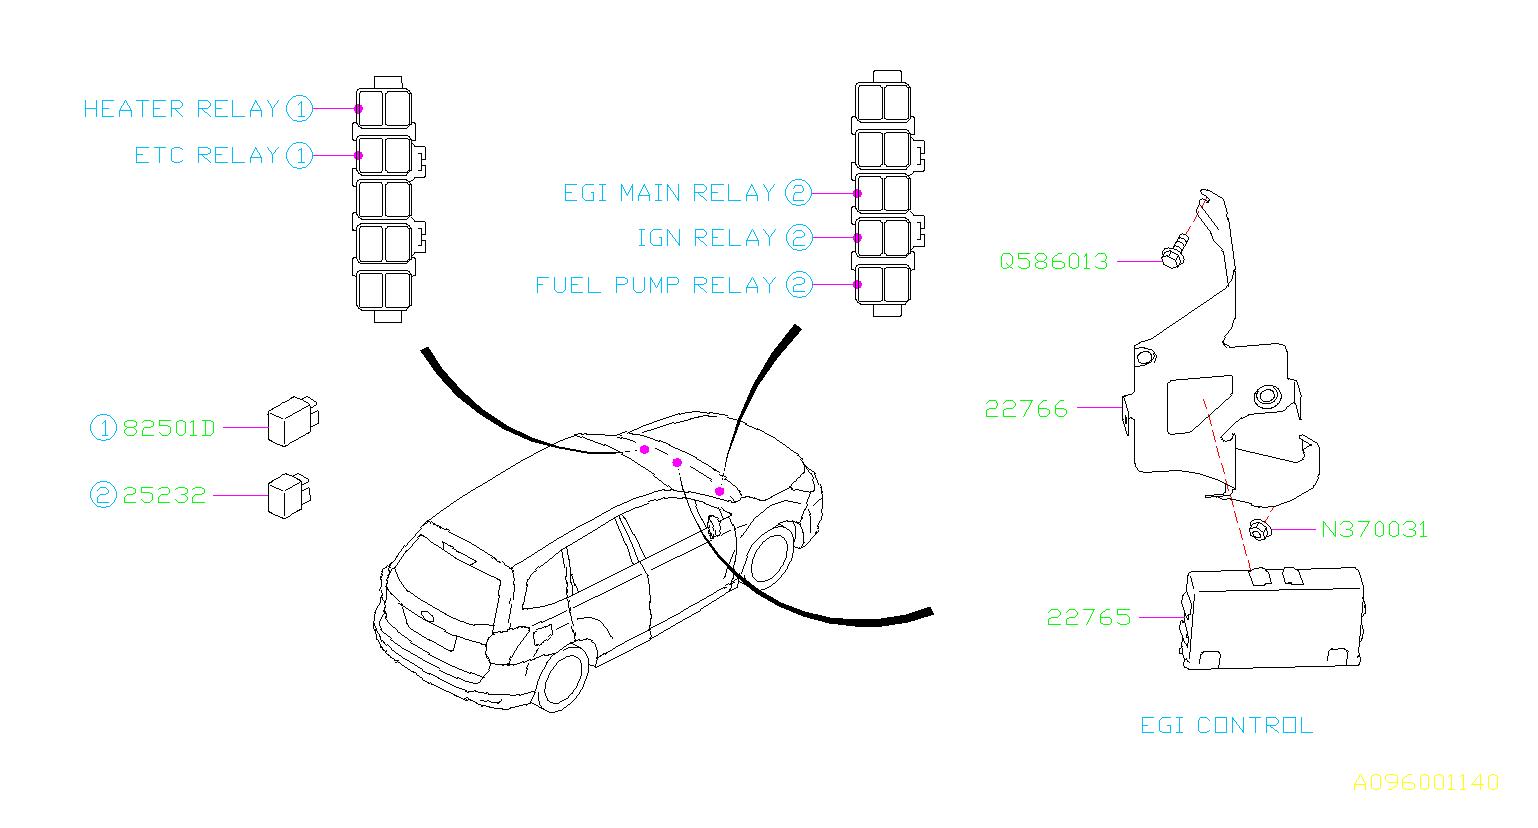 Subaru Forester Unit-egi control. Sensor, relay, engine